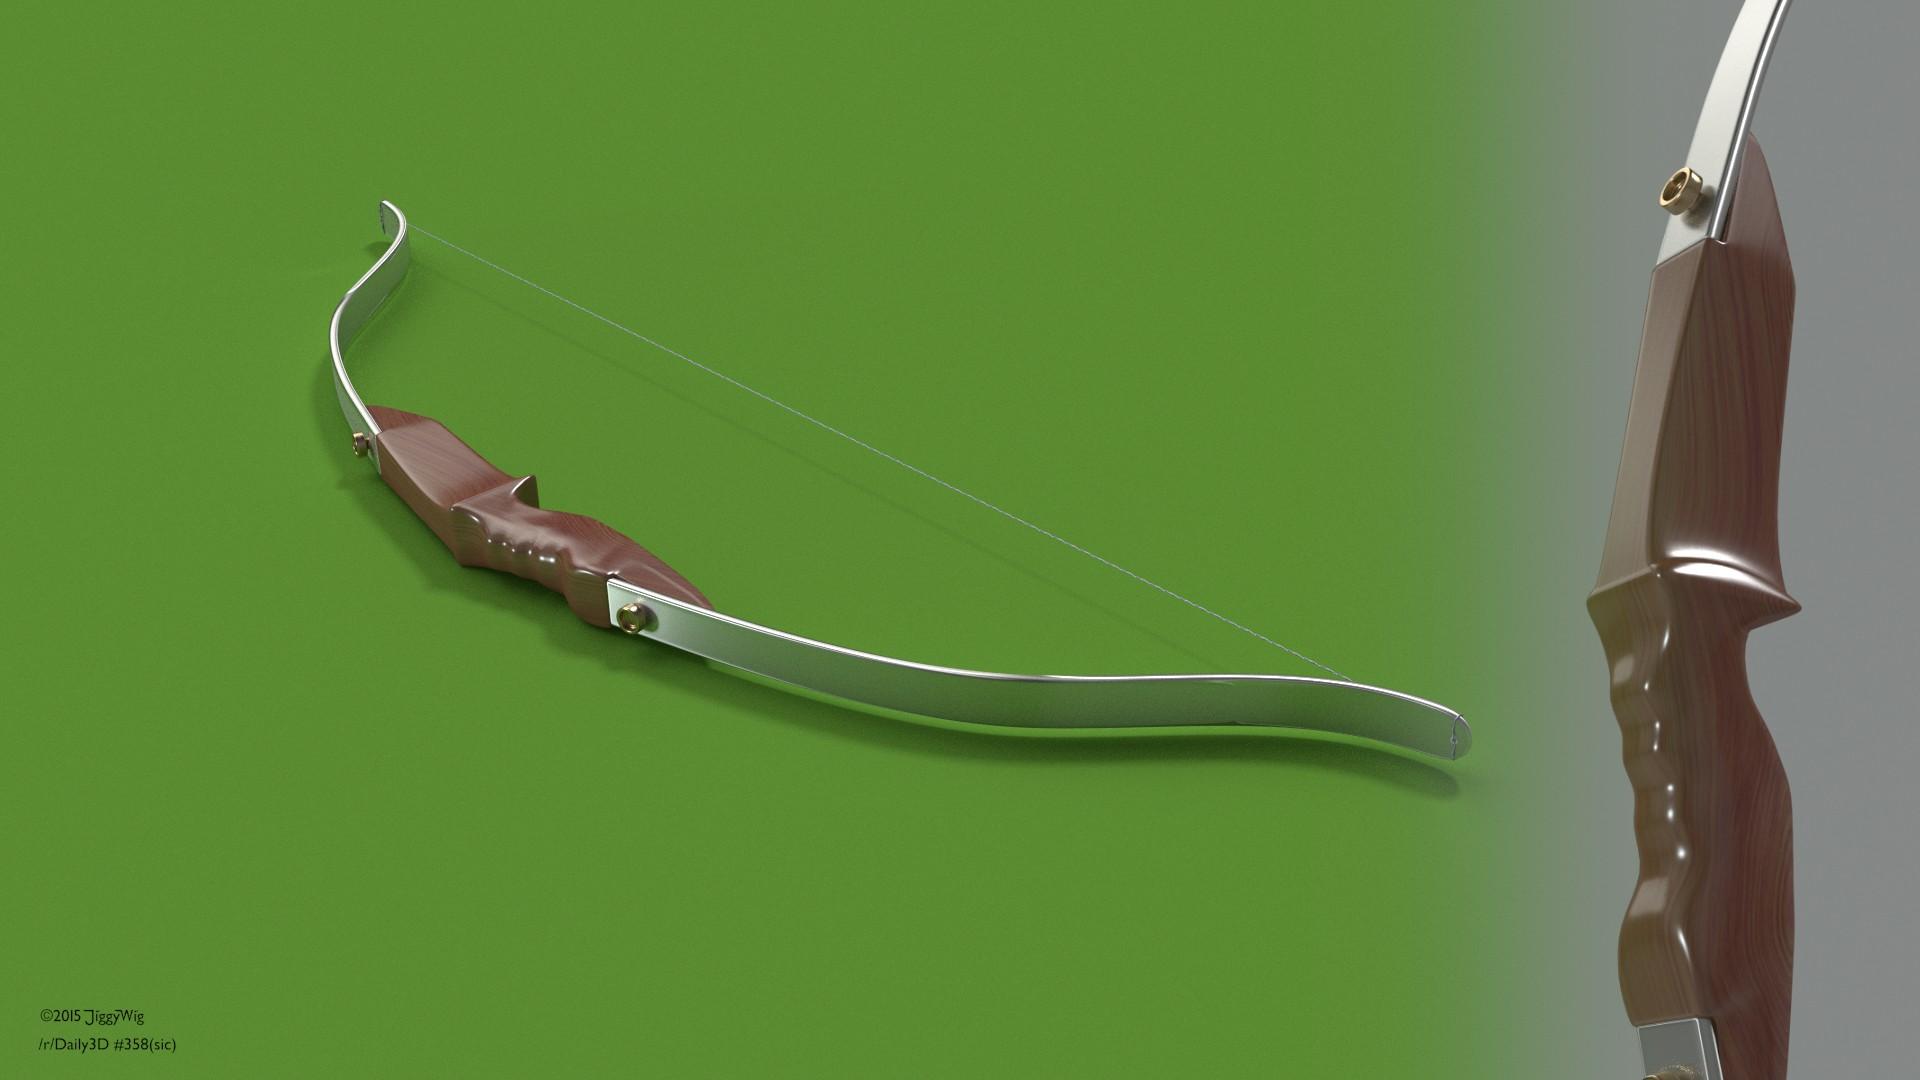 #358(sic) Archery